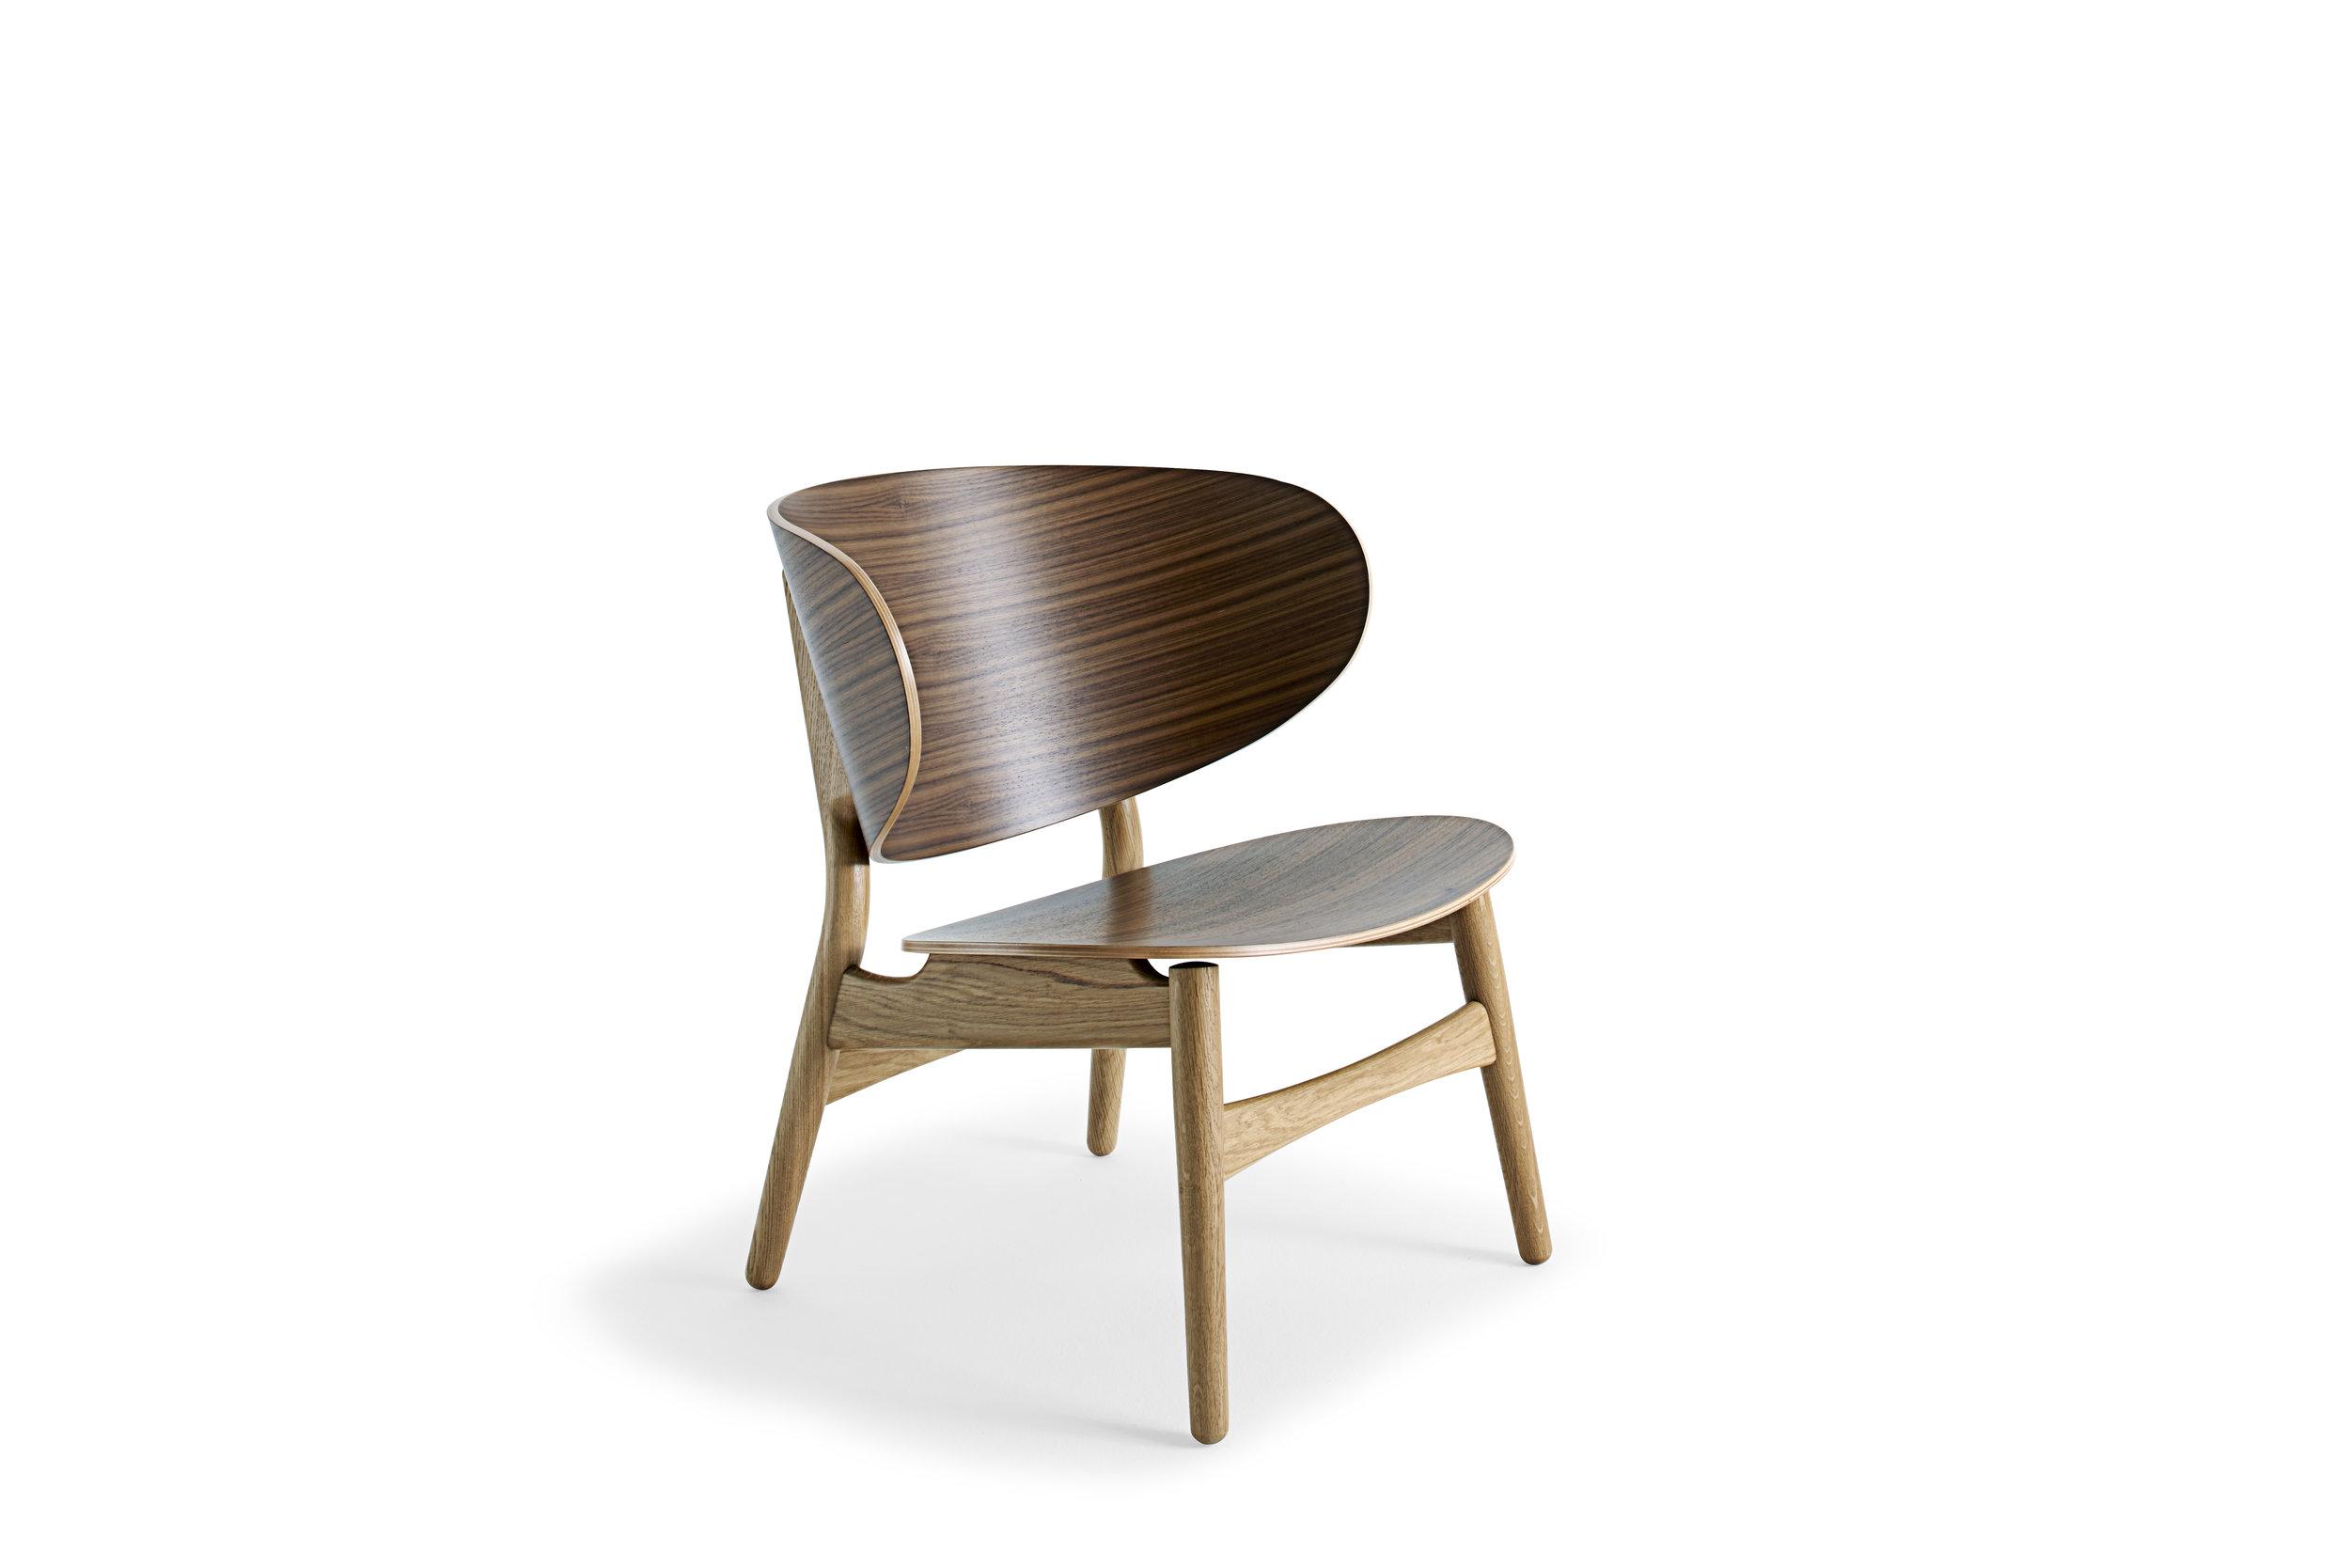 GE1936_GE_1936_Easy_Chair_Hans_Wegner_Getama_Gestalt_Newyork_8.jpg